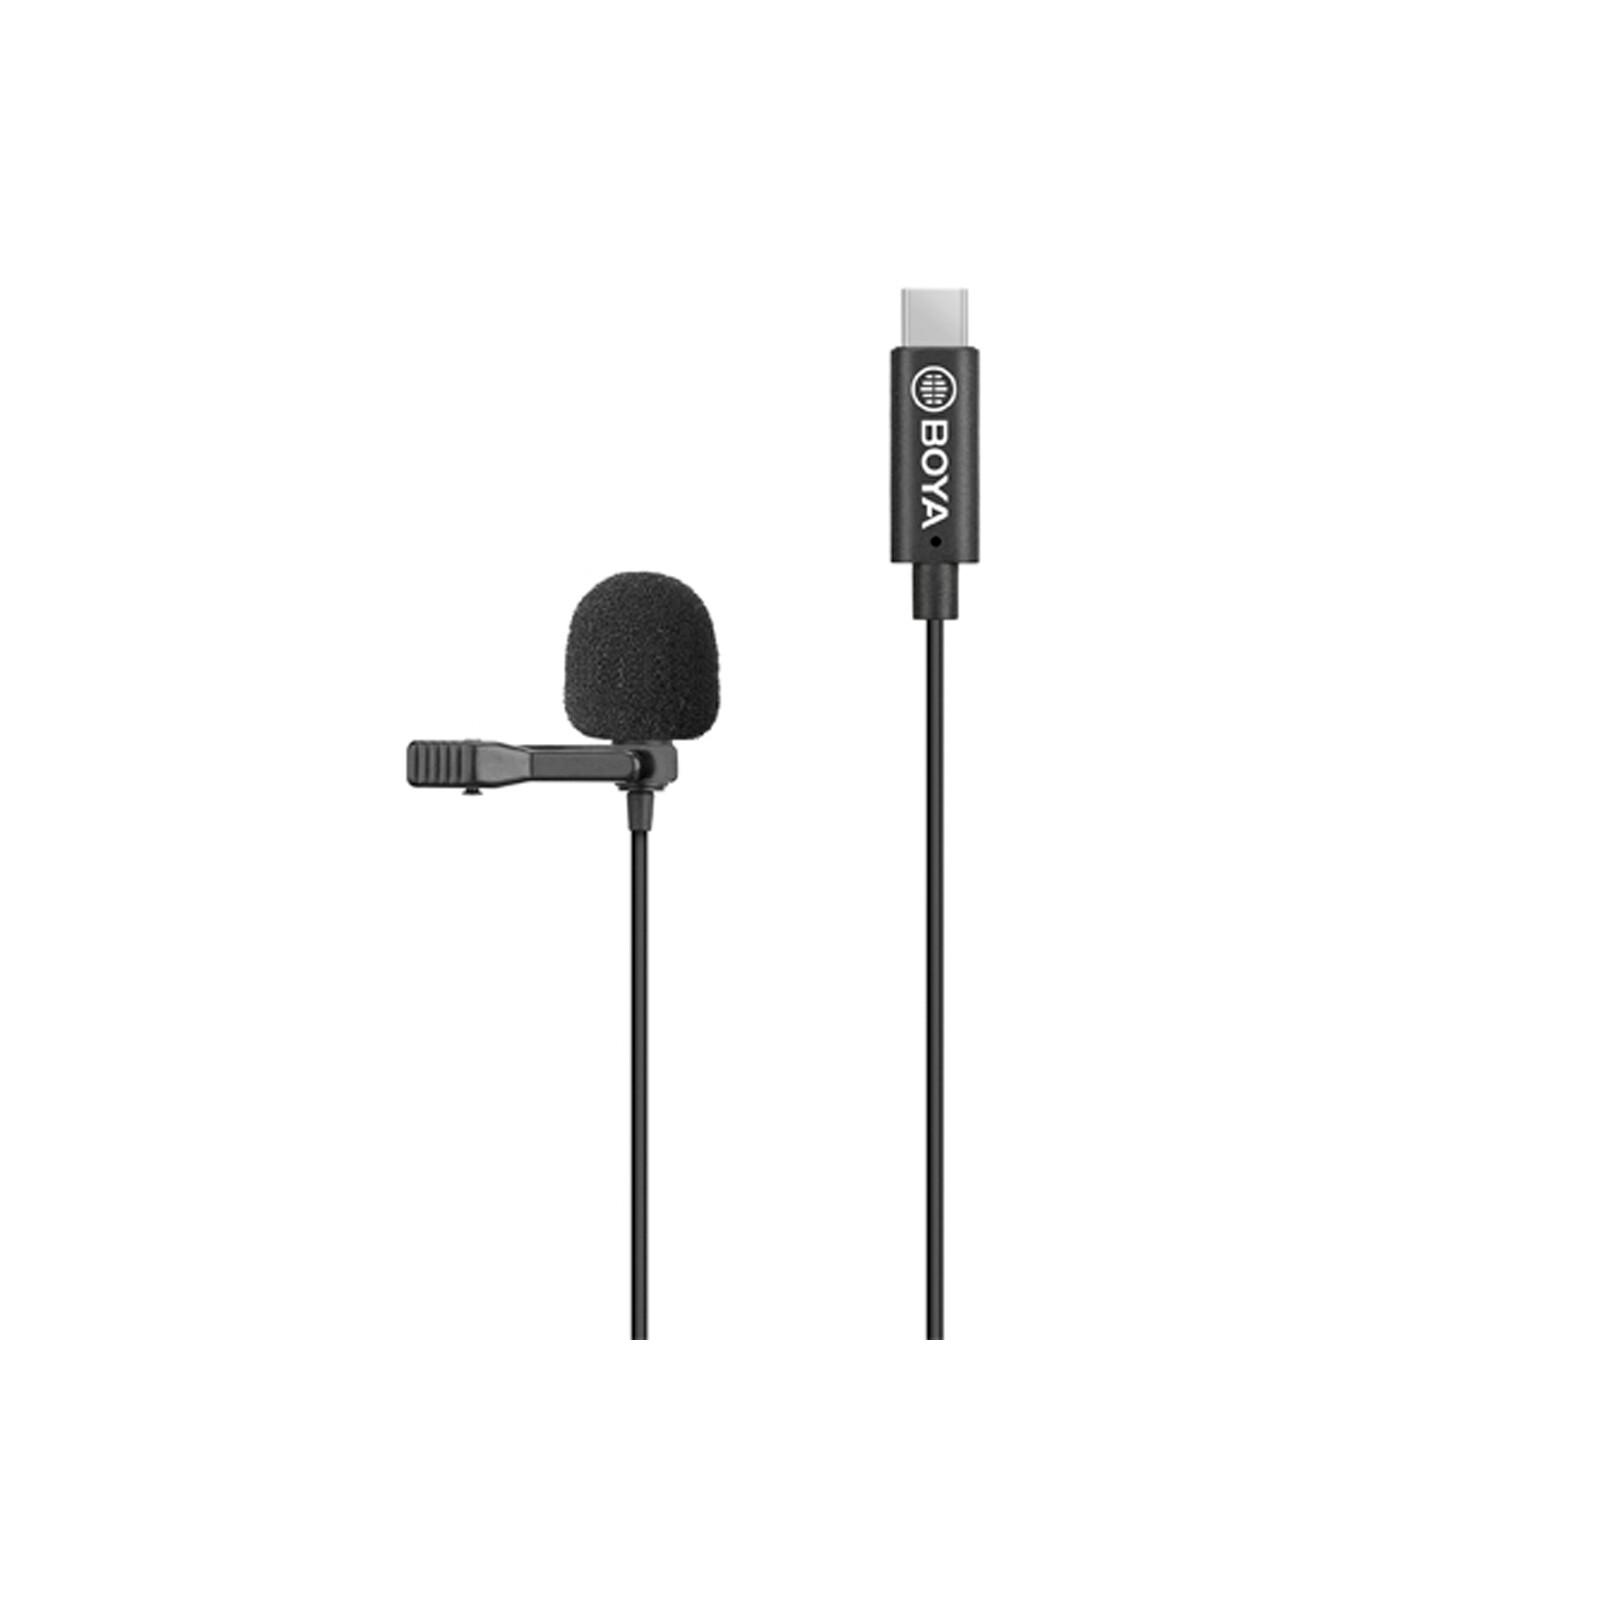 Boya M3 Lavallier Mikrofon Android Geräte